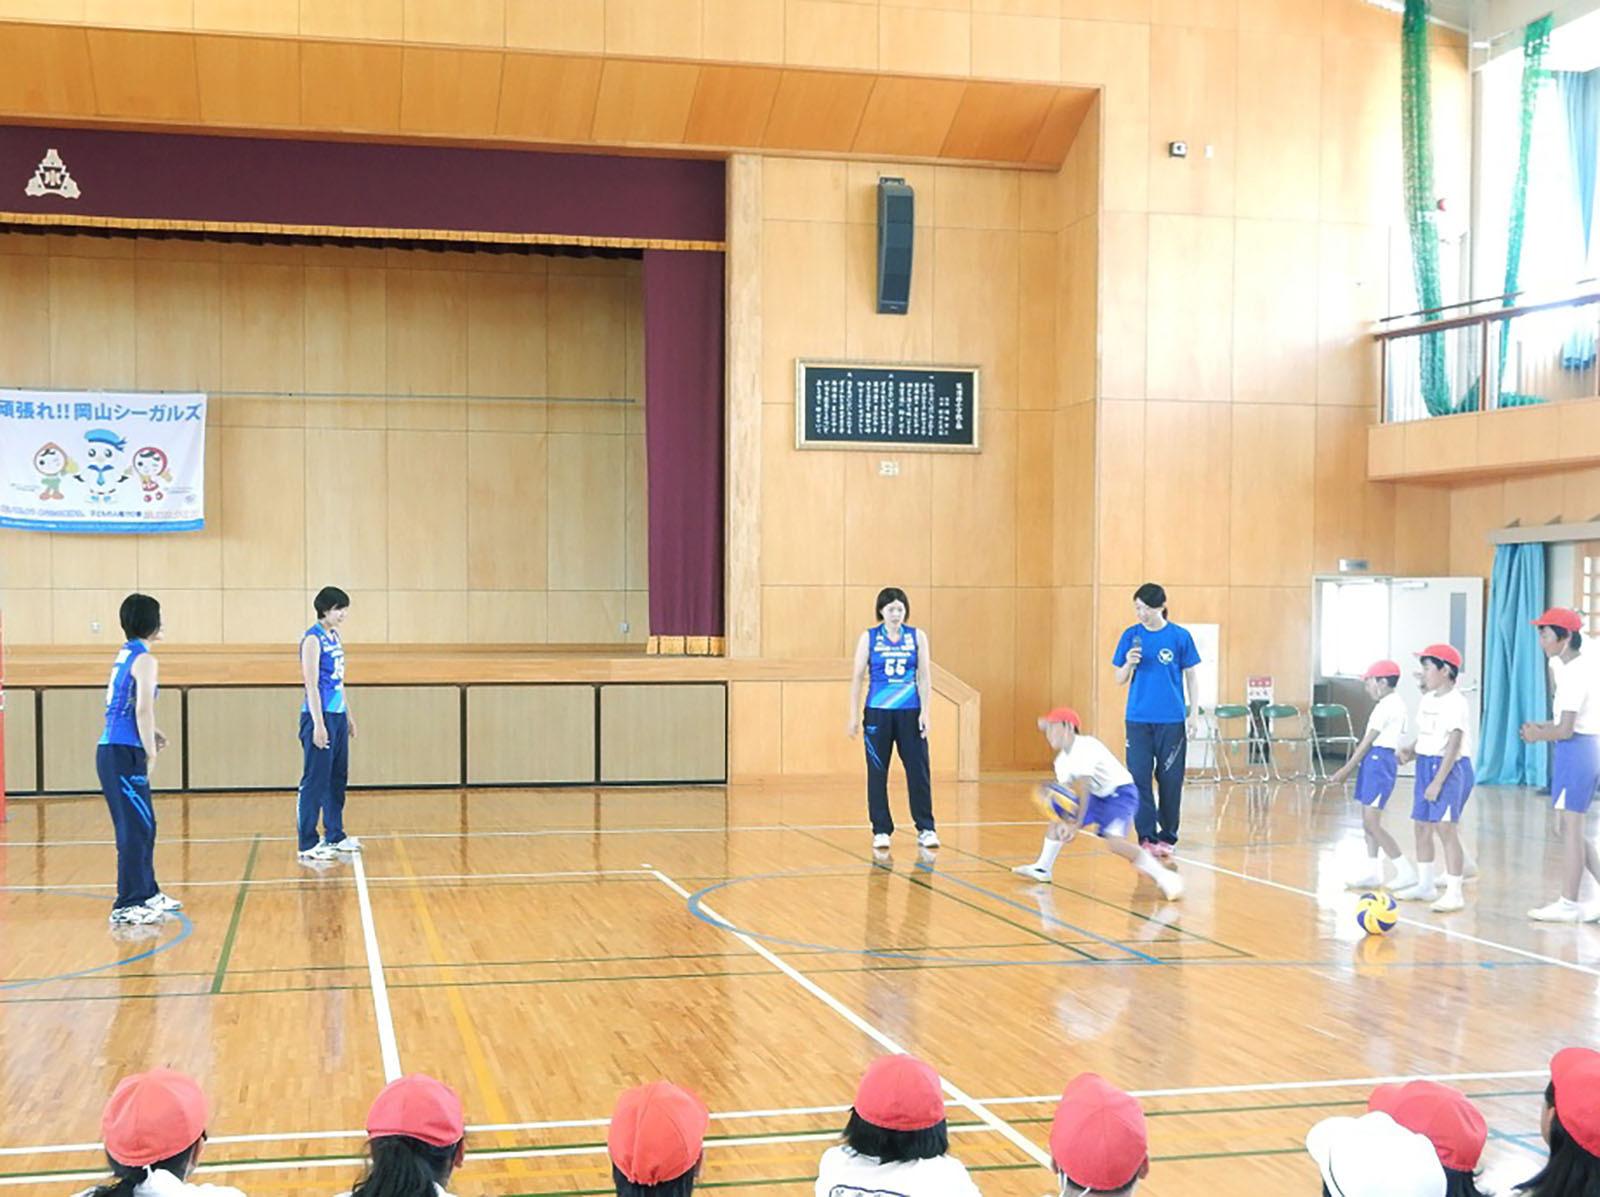 人権スポーツ教室_琴浦西小学校_04.jpg